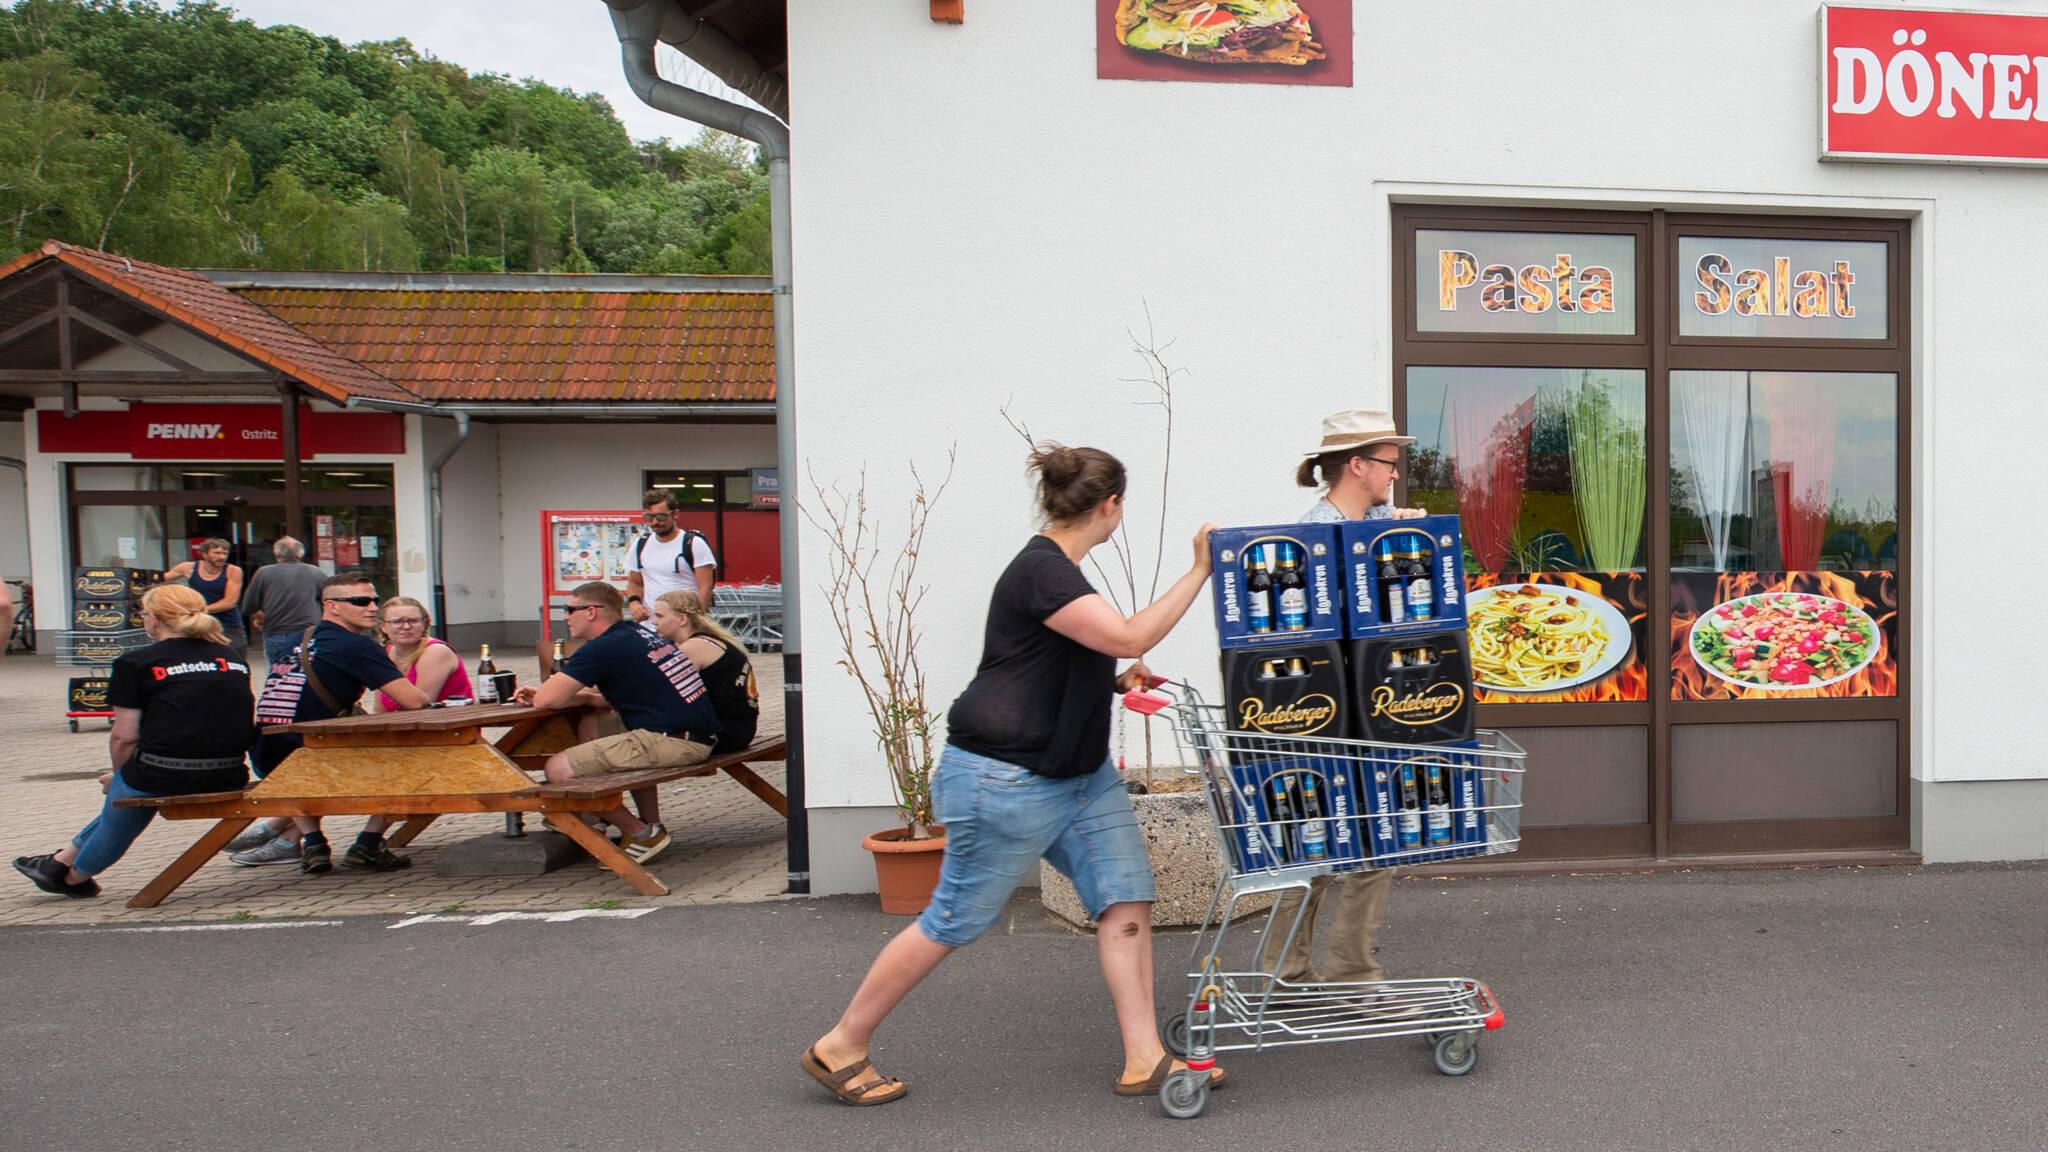 Geen bier voor neonazifestival: dorpje kaapt drankvoorraad weg